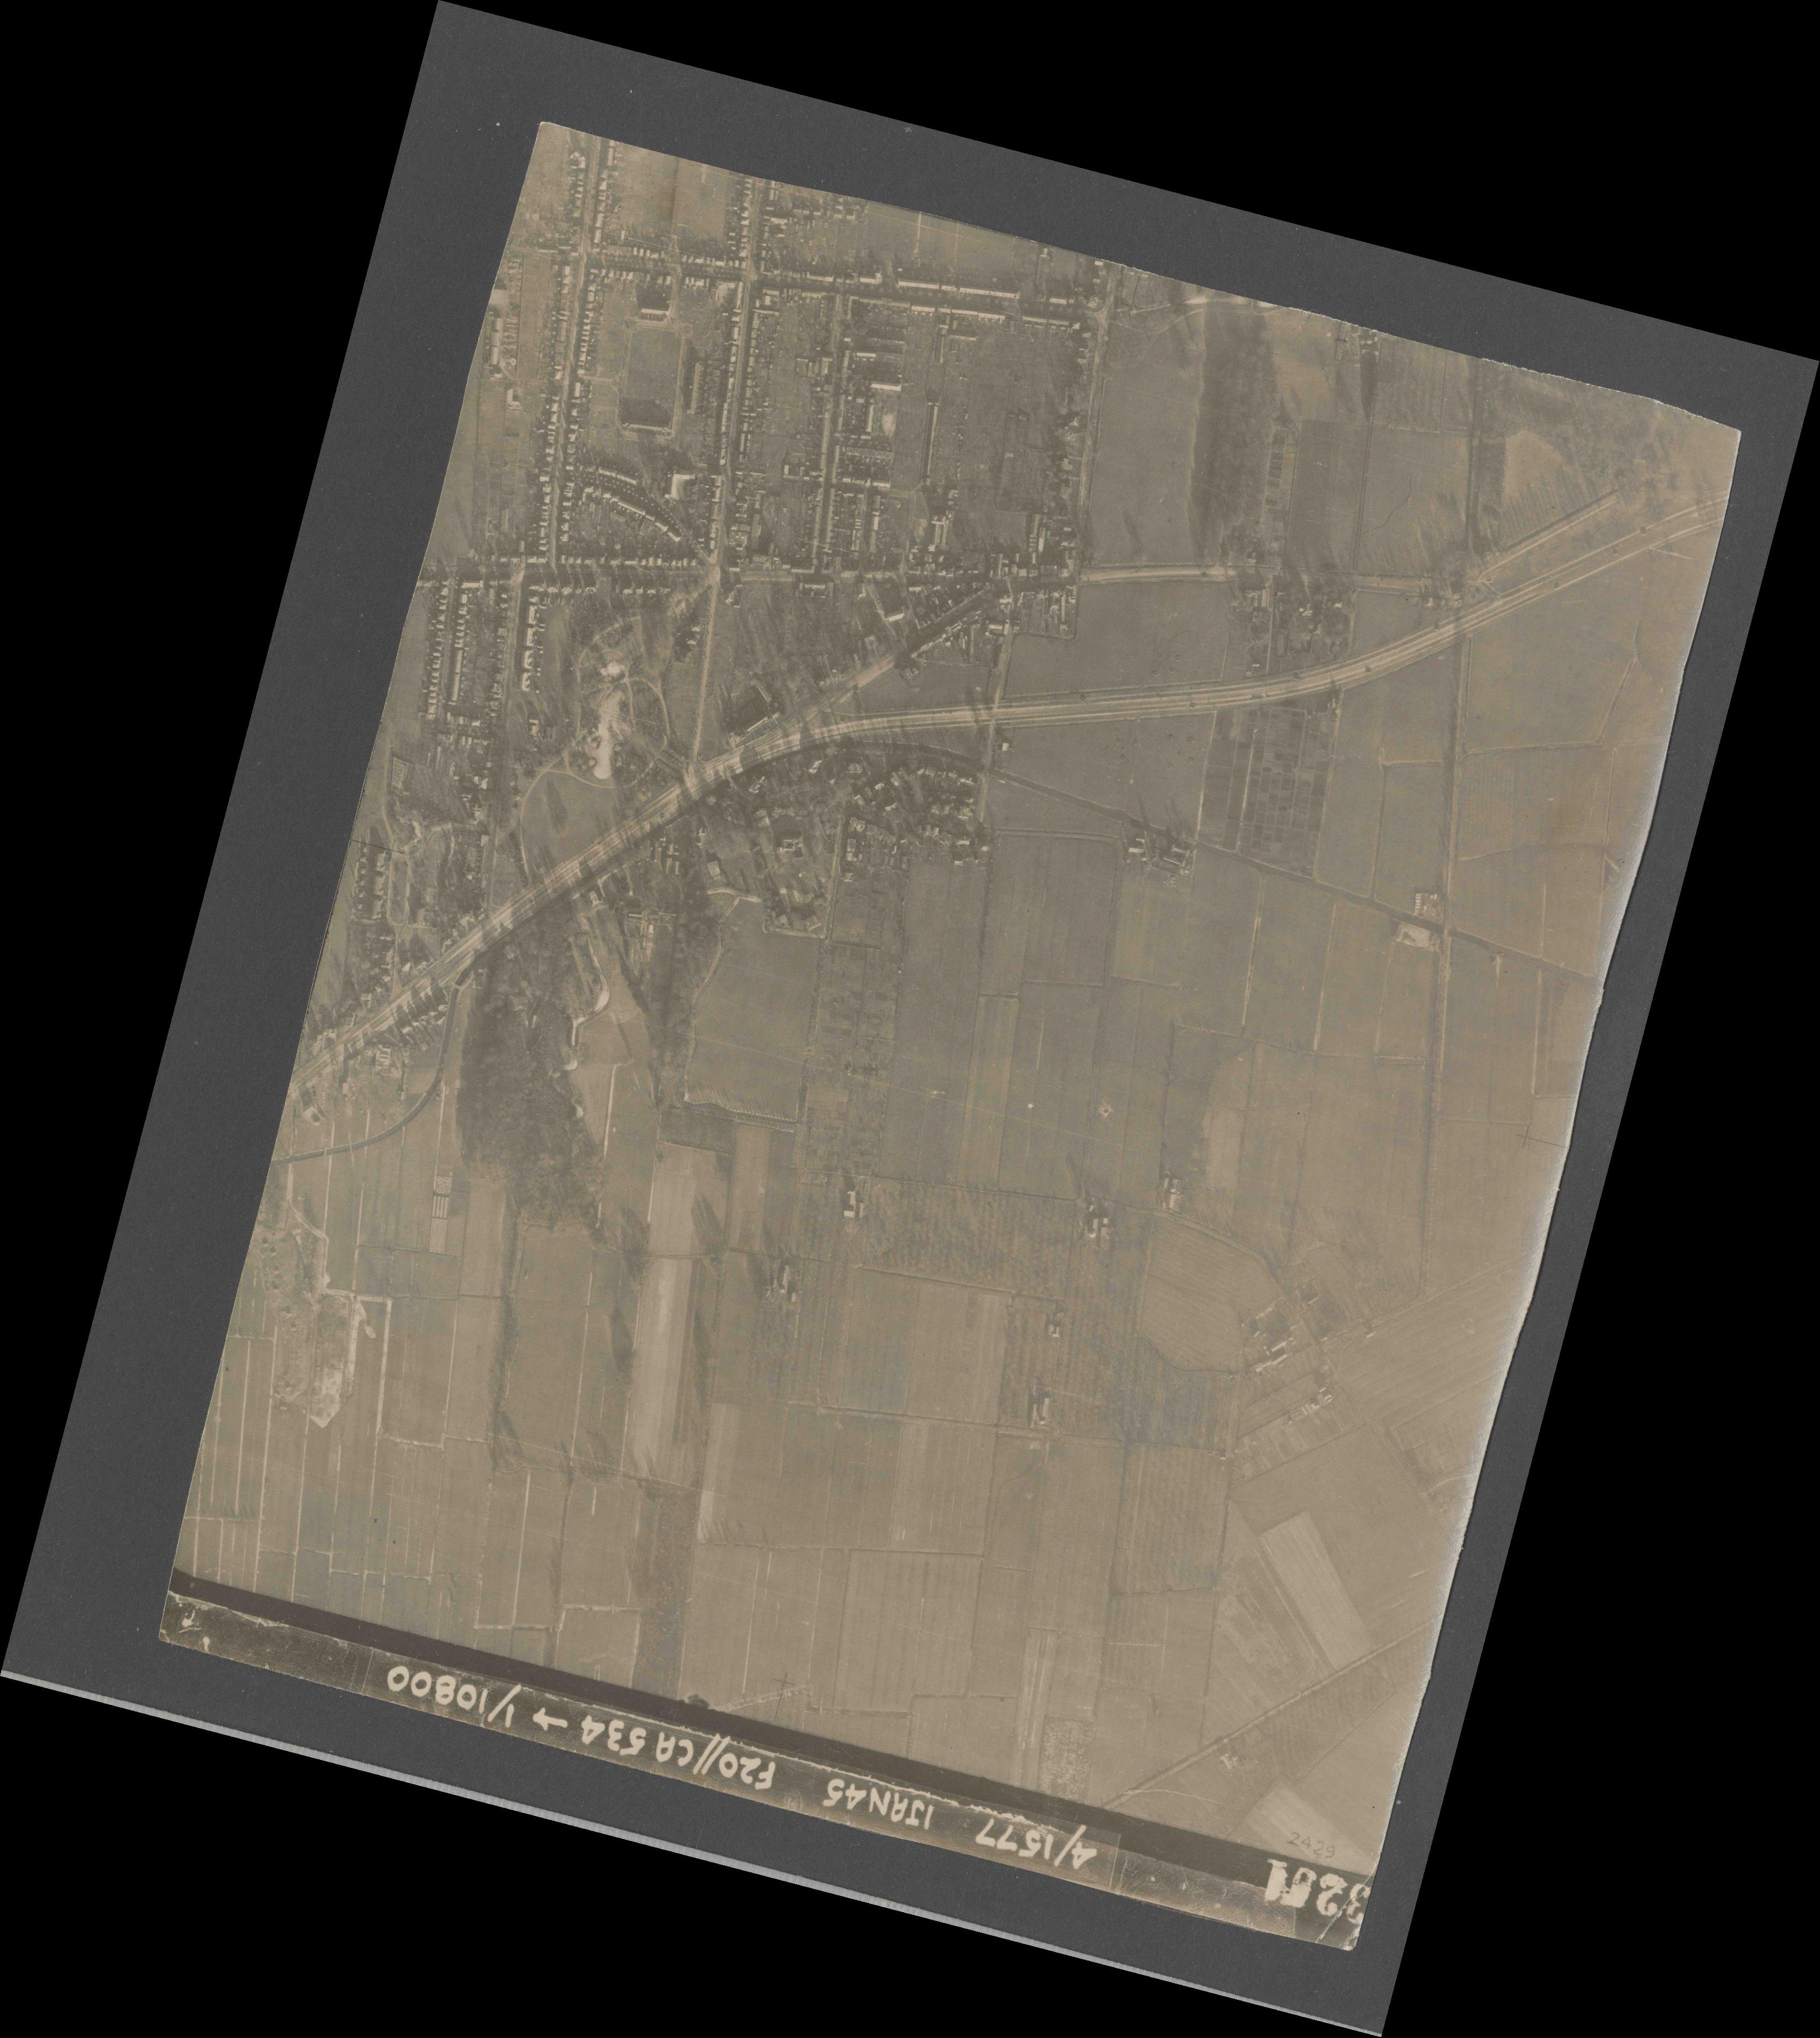 Collection RAF aerial photos 1940-1945 - flight 105, run 02, photo 3201